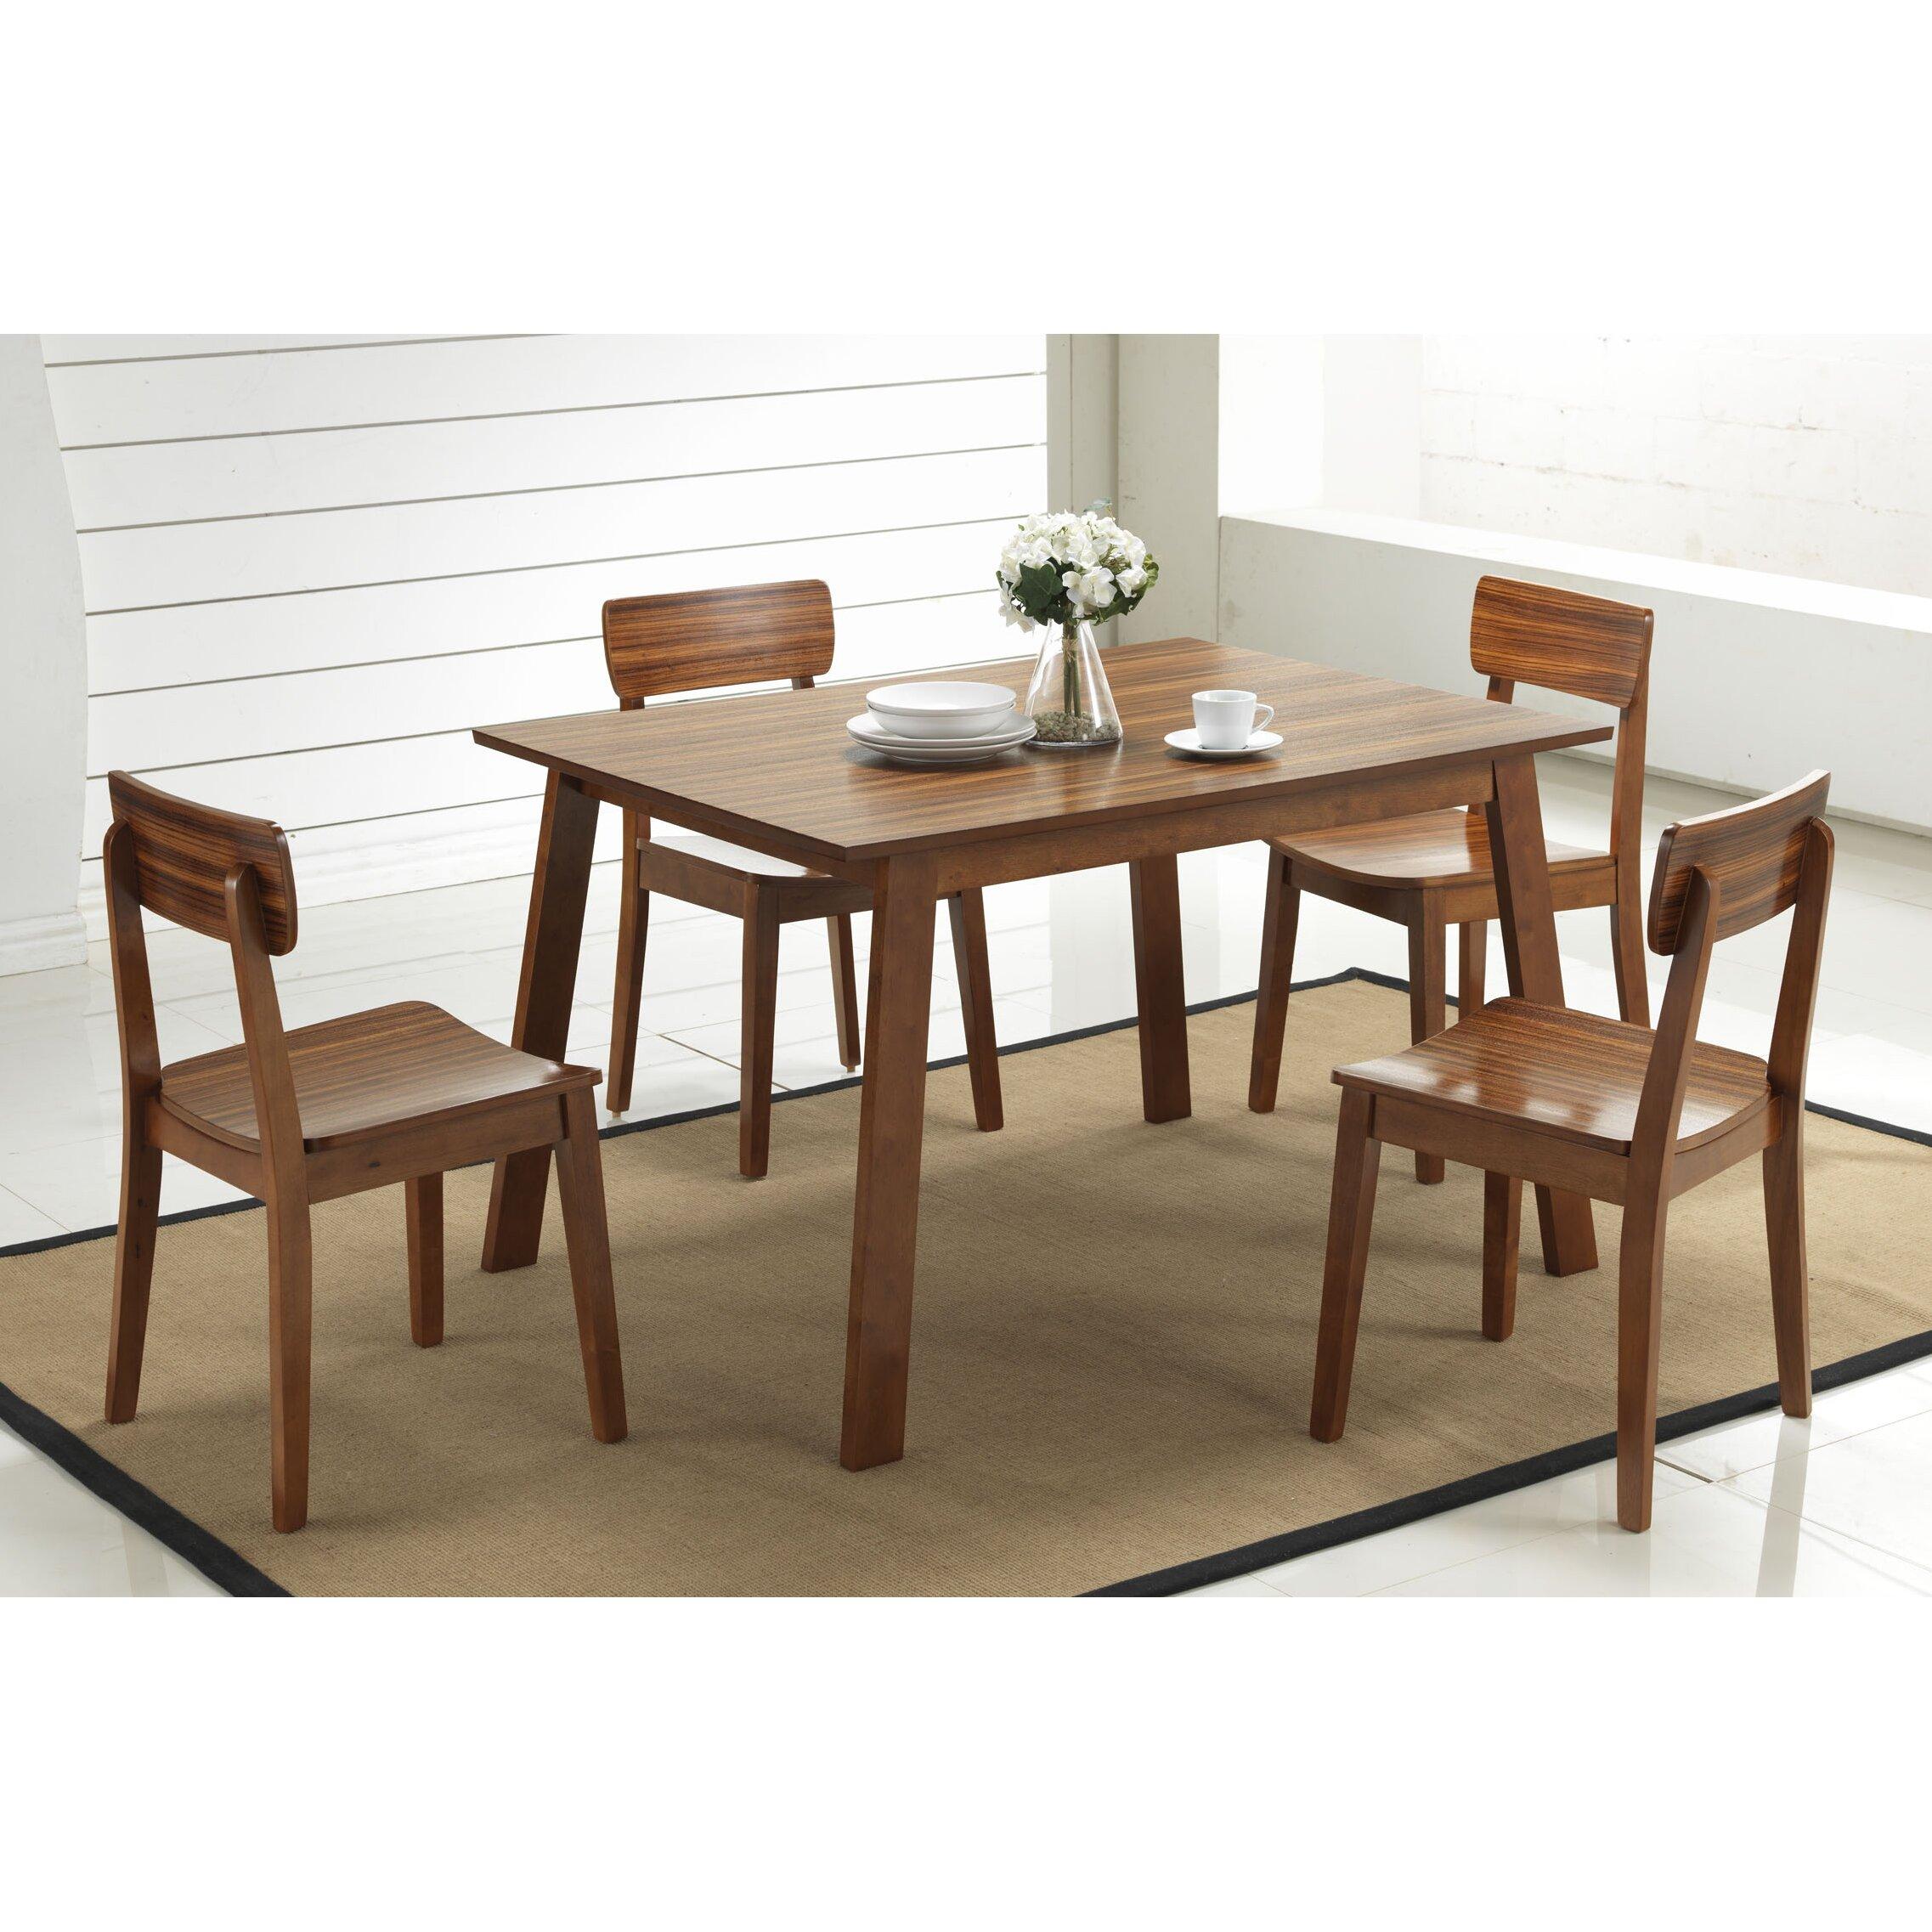 Kassandra 5 Piece Dining Set